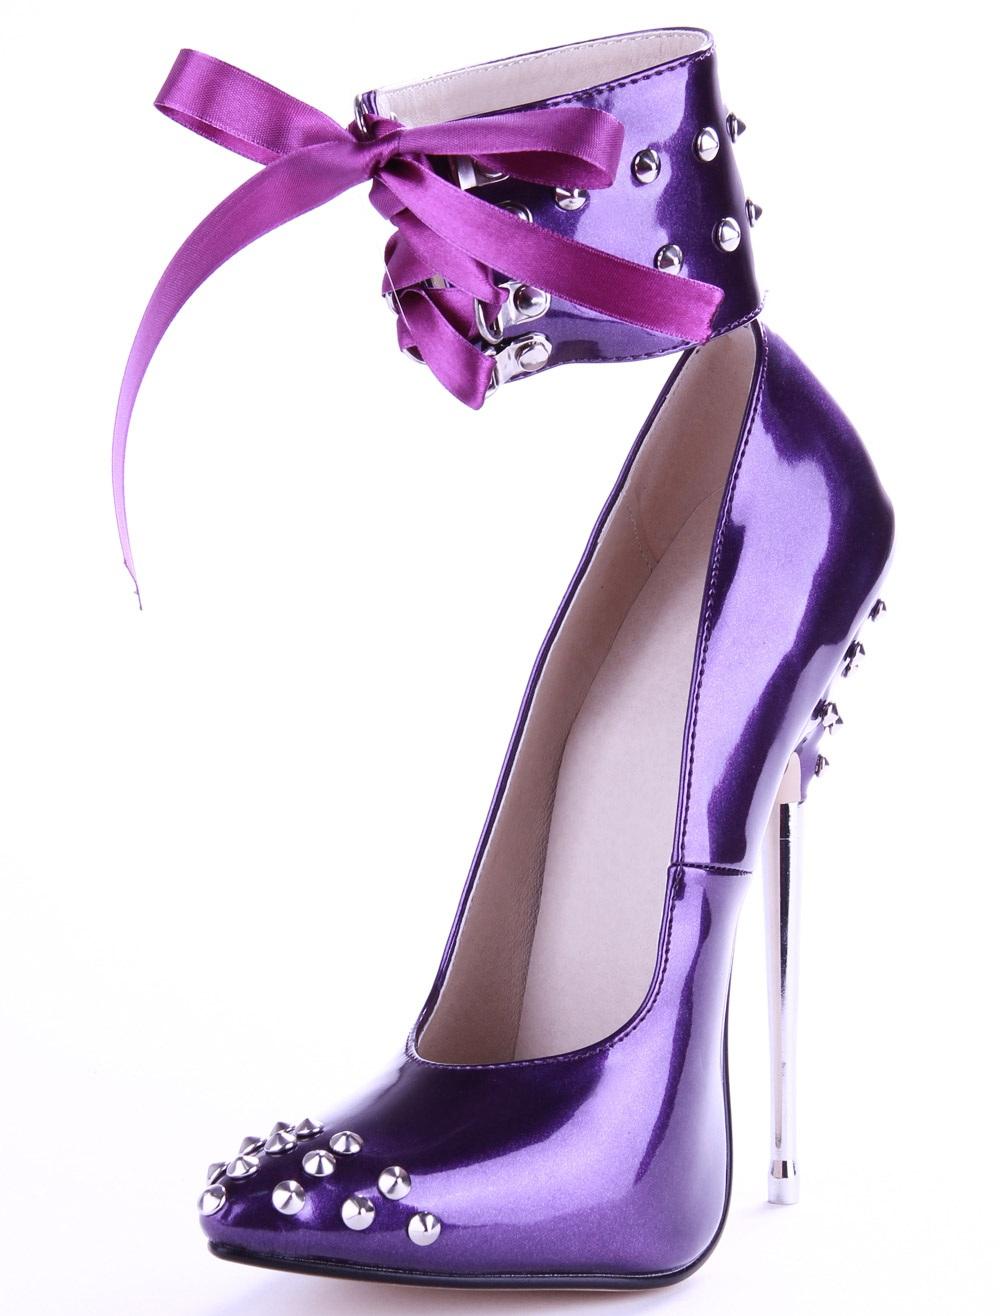 性感高跟鞋 2021新款女夏高跟单鞋 16厘米金属 尖头细跟性感T台走秀拍照女鞋_推荐淘宝好看的女性感高跟鞋